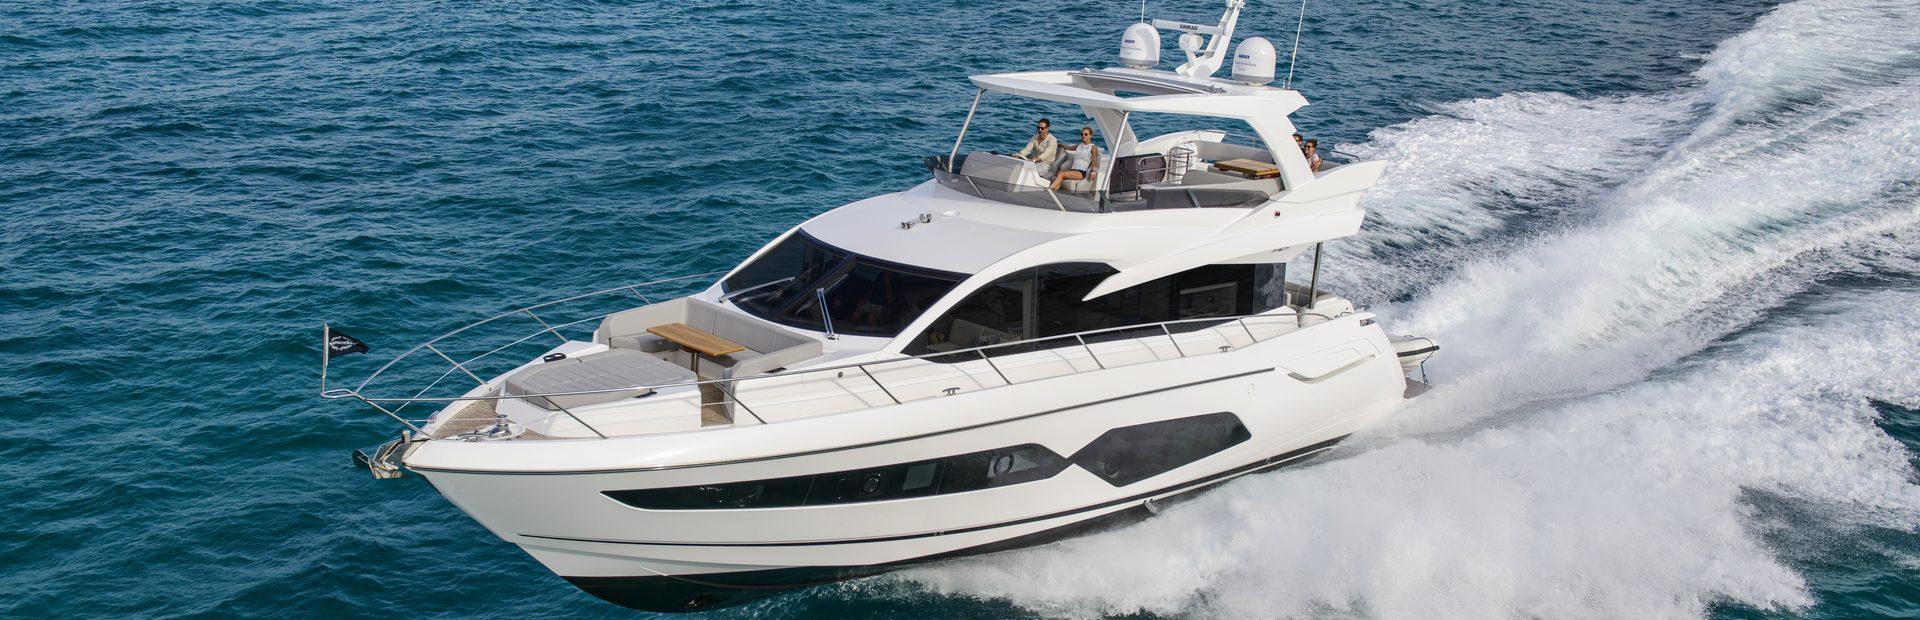 Manhattan 66 Yacht Charter